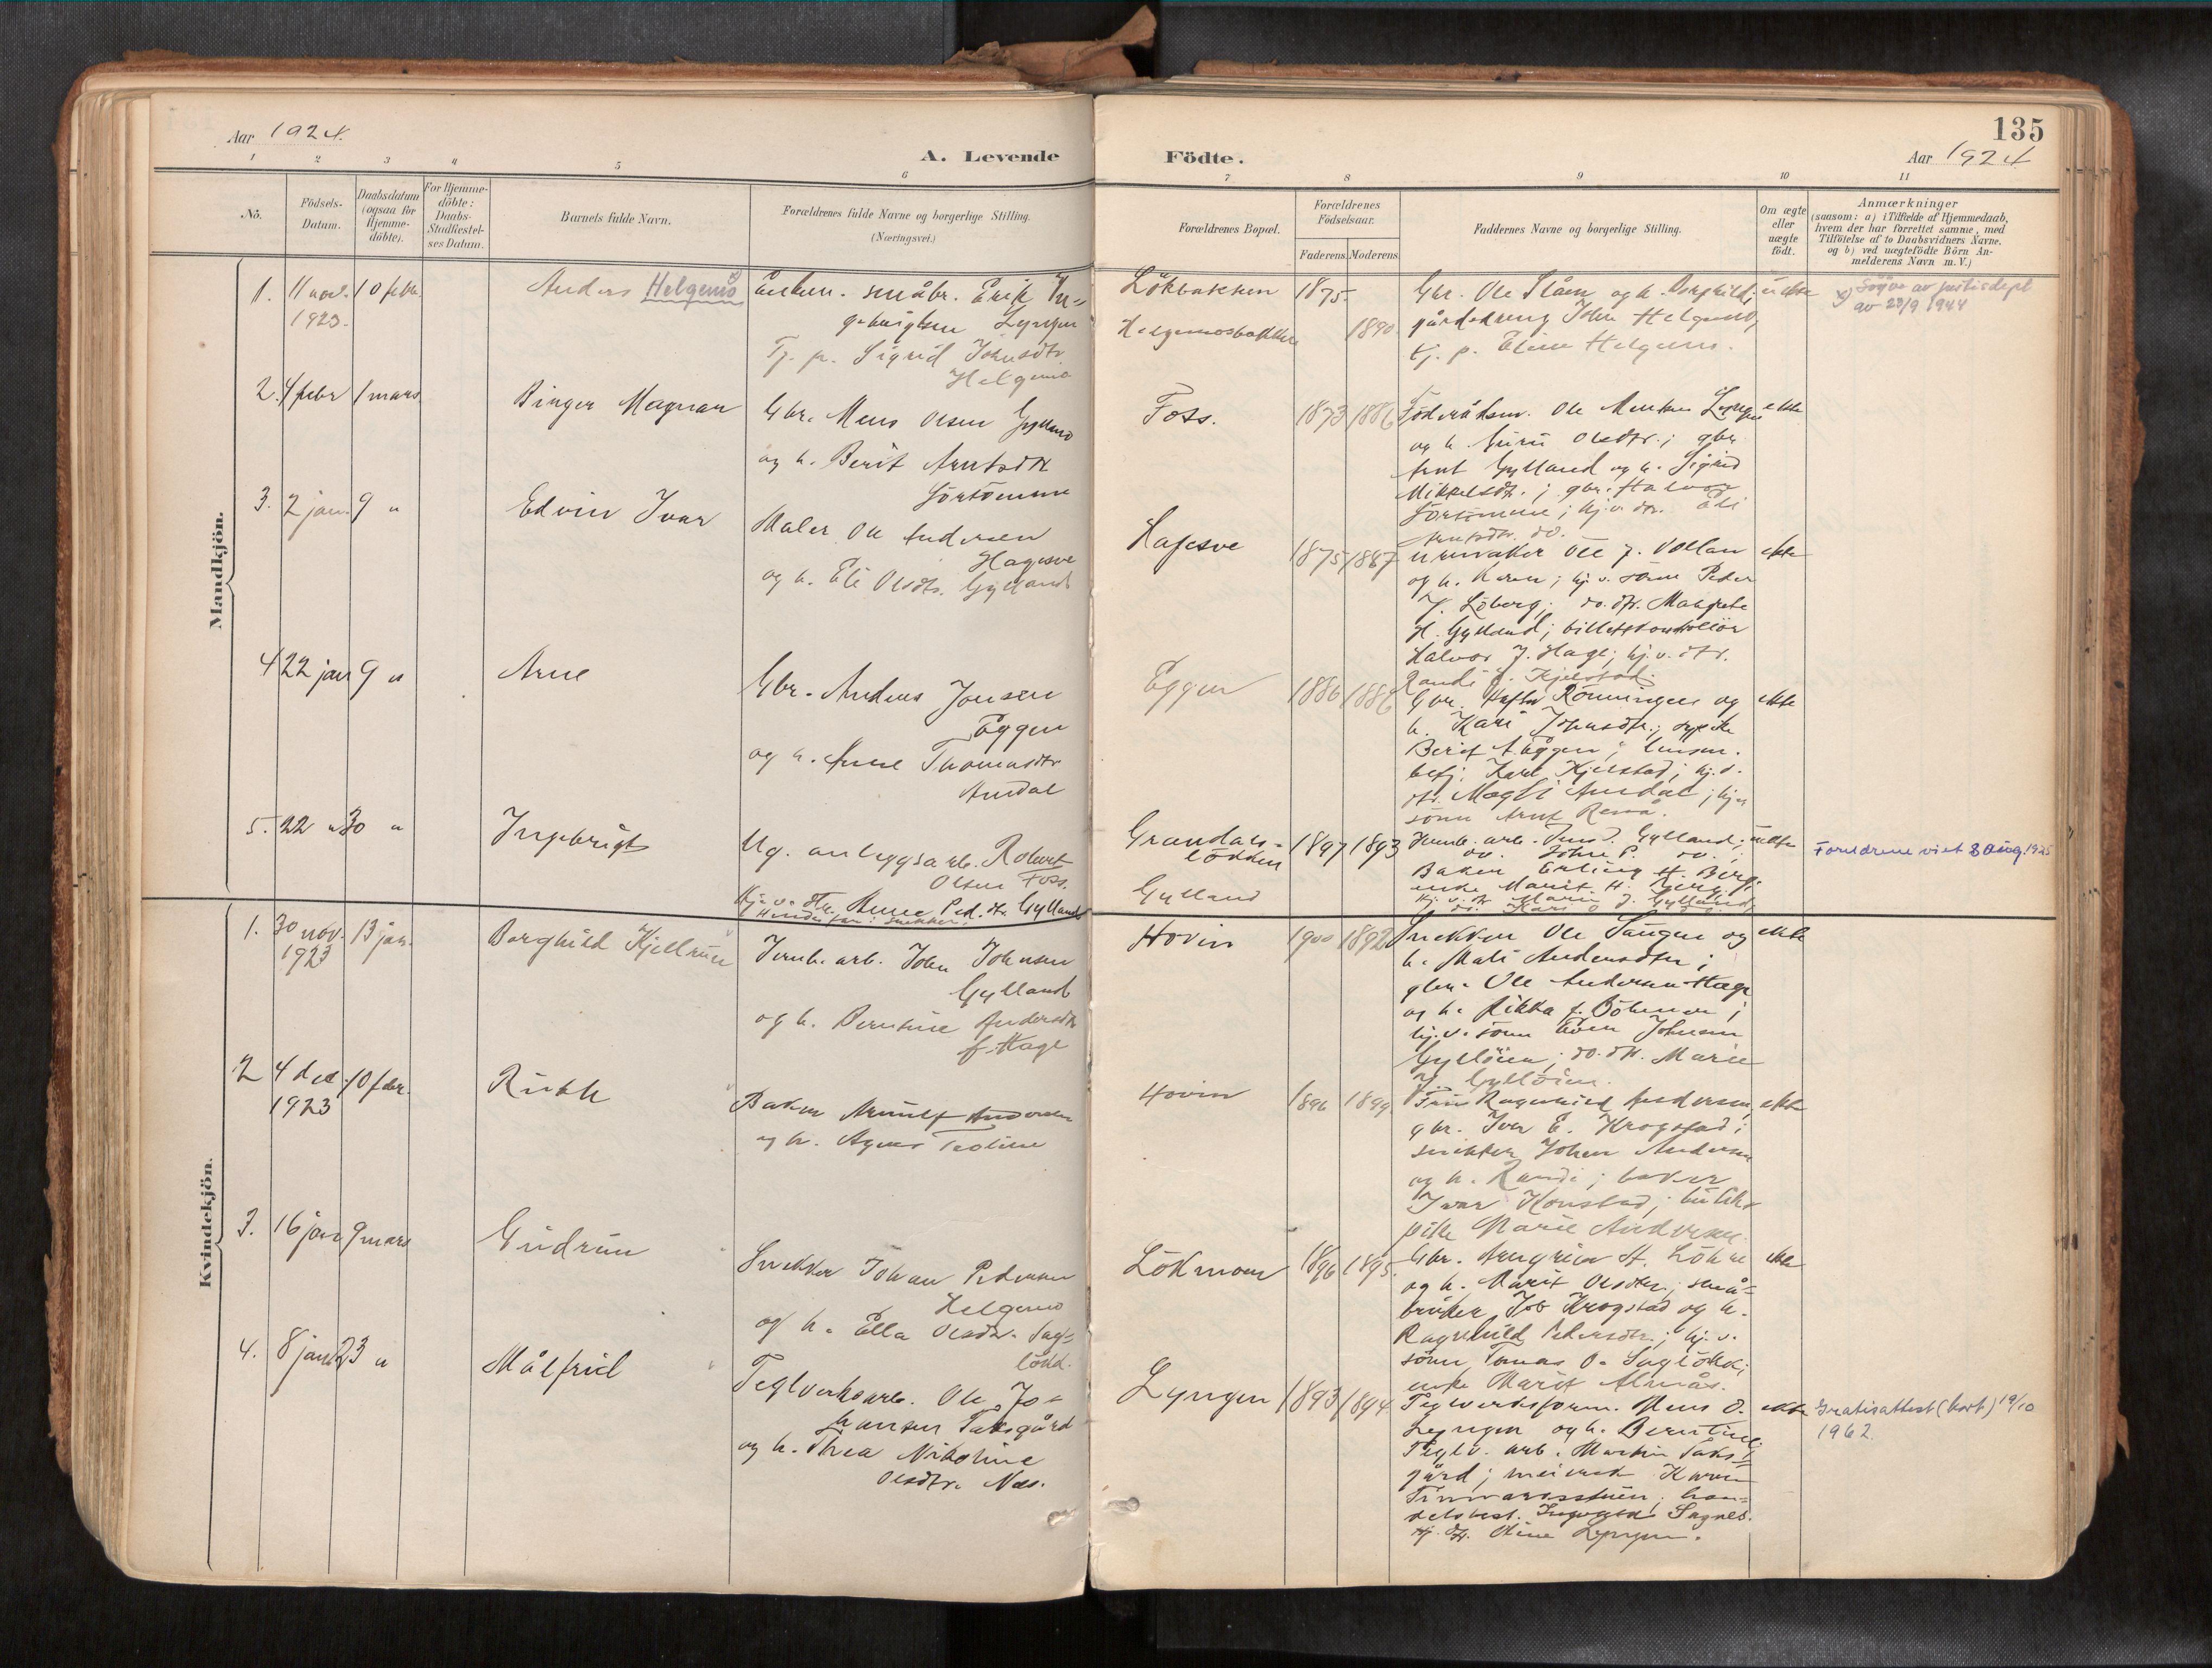 SAT, Ministerialprotokoller, klokkerbøker og fødselsregistre - Sør-Trøndelag, 692/L1105b: Ministerialbok nr. 692A06, 1891-1934, s. 135